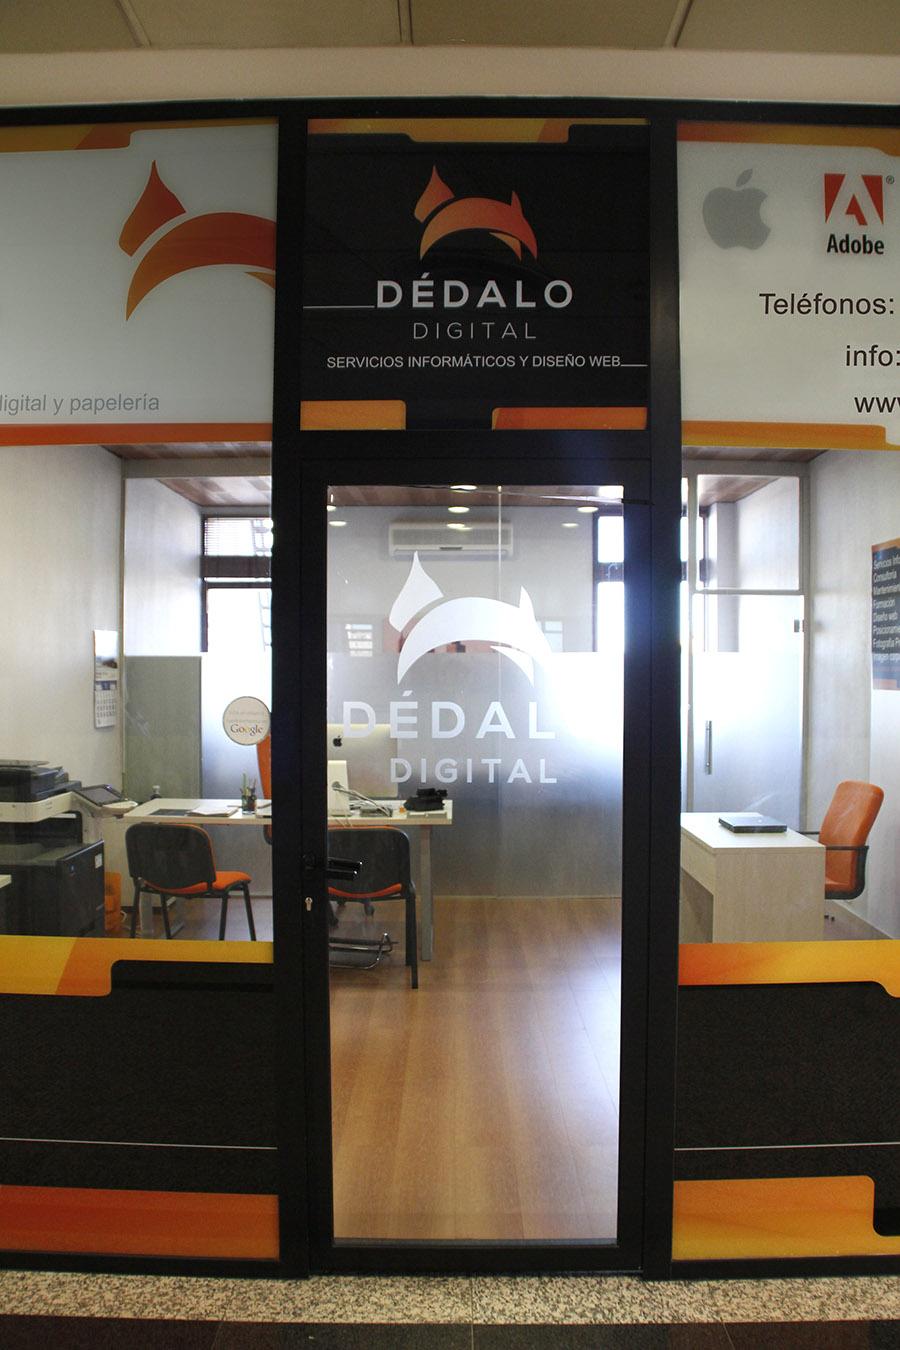 Diseño web, servicios informáticos, imagen corporativa y formación en Rivas Vaciamadrid, Centro Comercial Covibar 2. Dedalo Digital